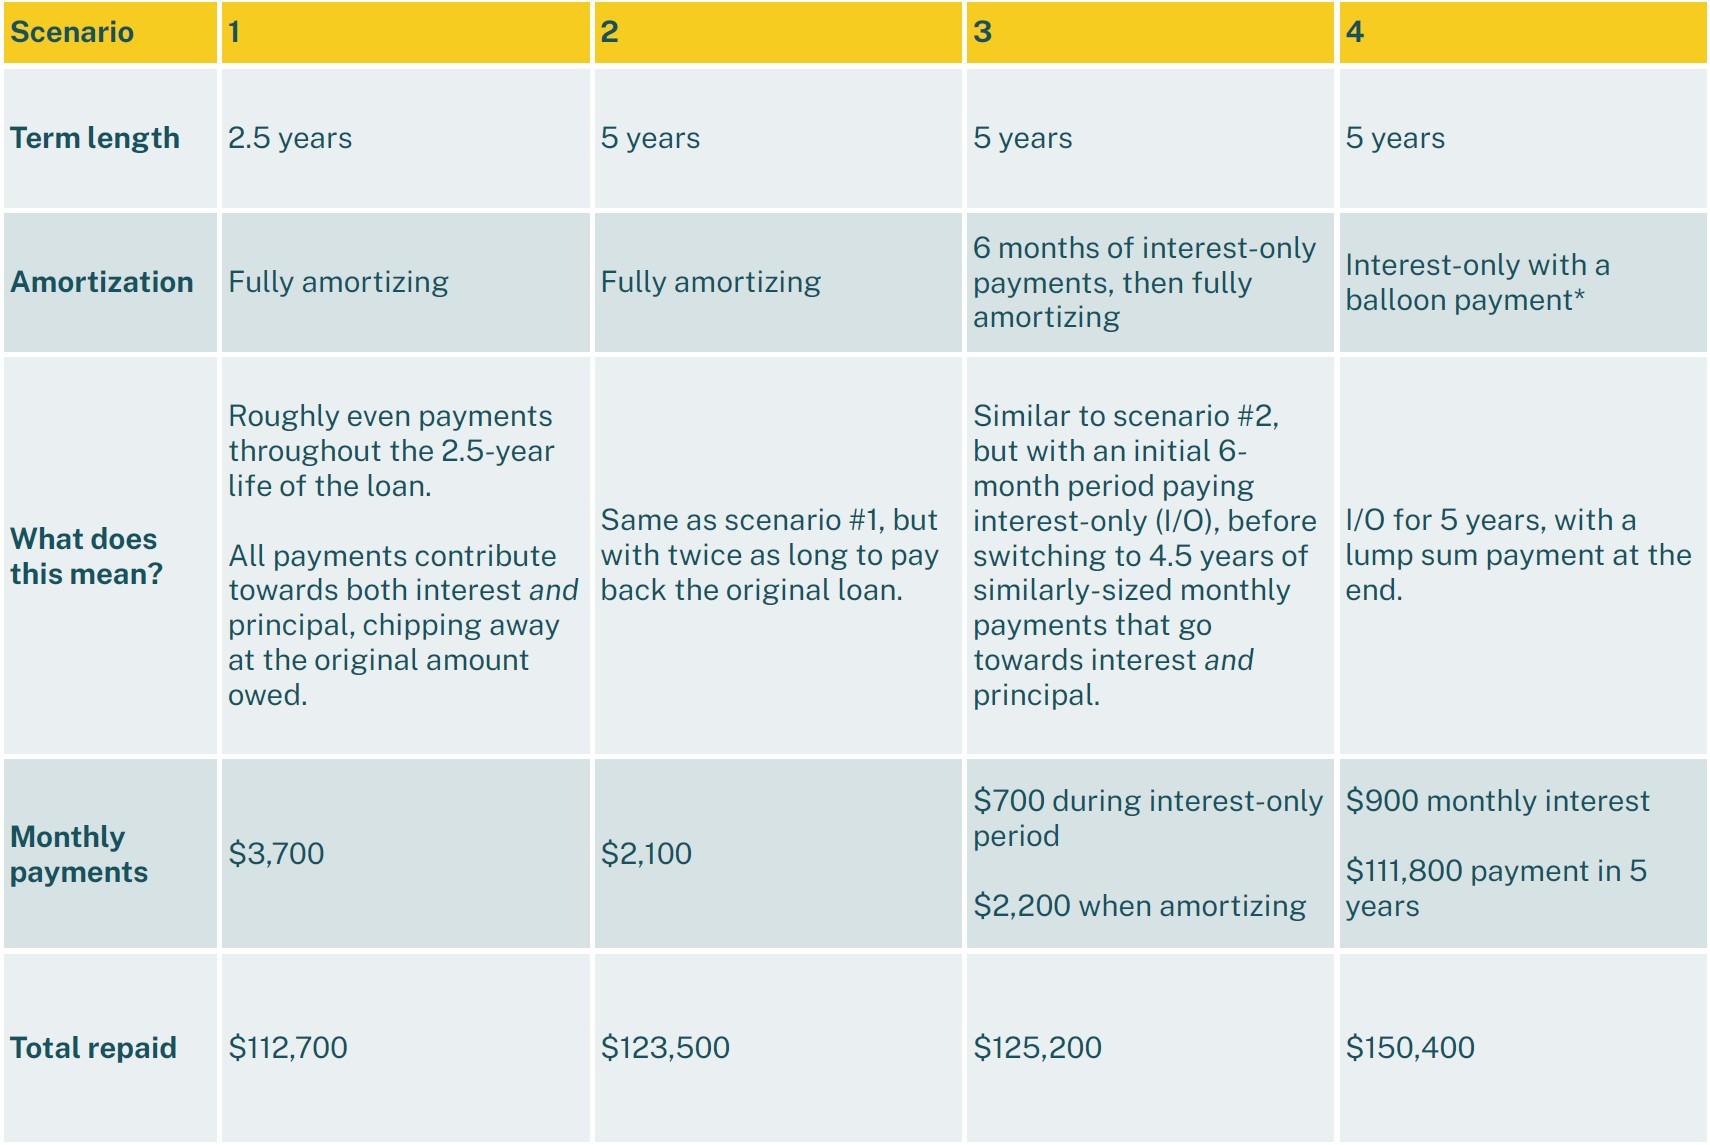 Sample loan terms